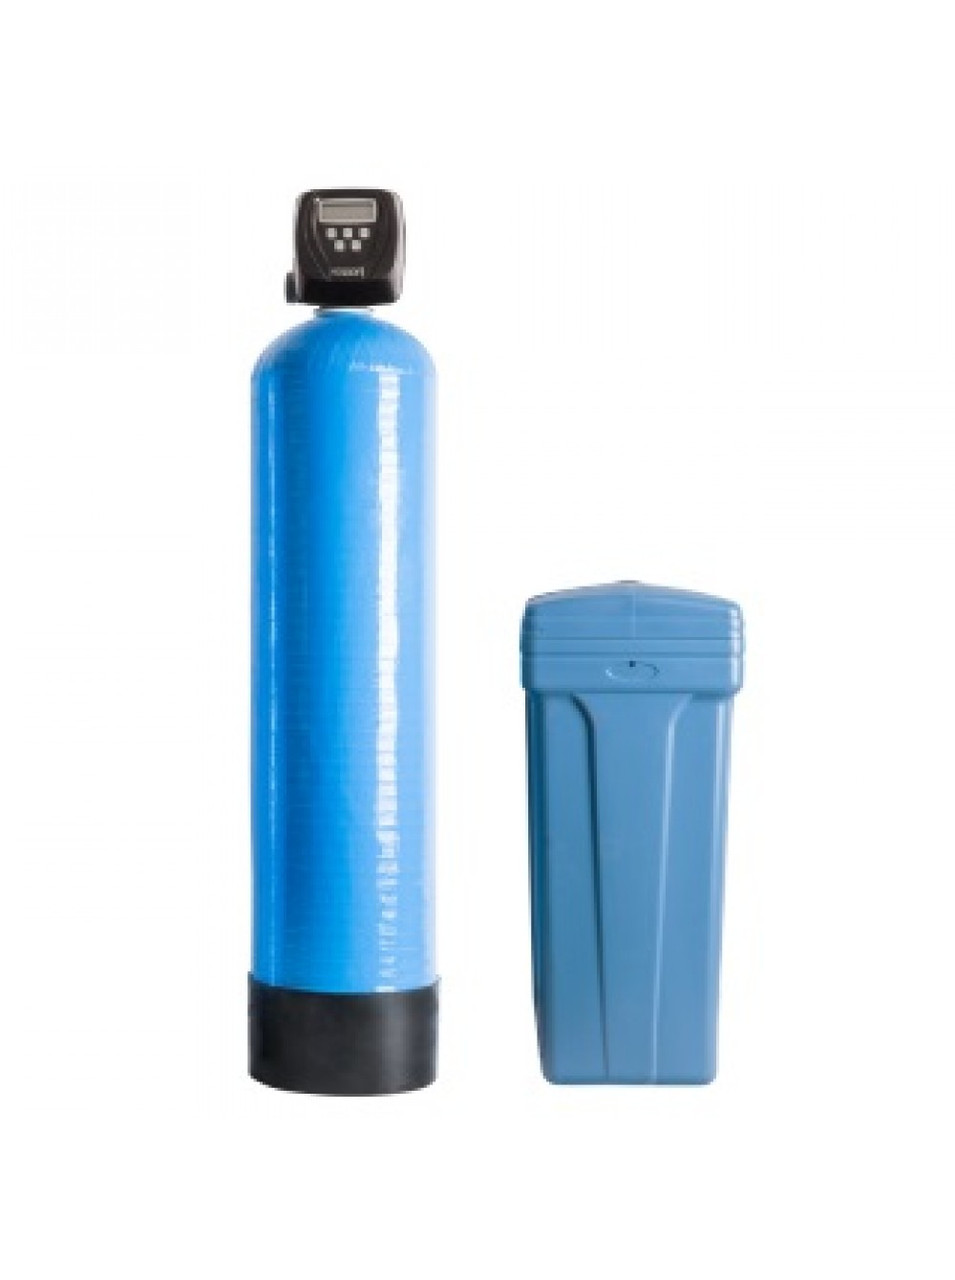 Фильтр обезжелезивания и умягчения воды води Filtrons KO1354 Clack CI